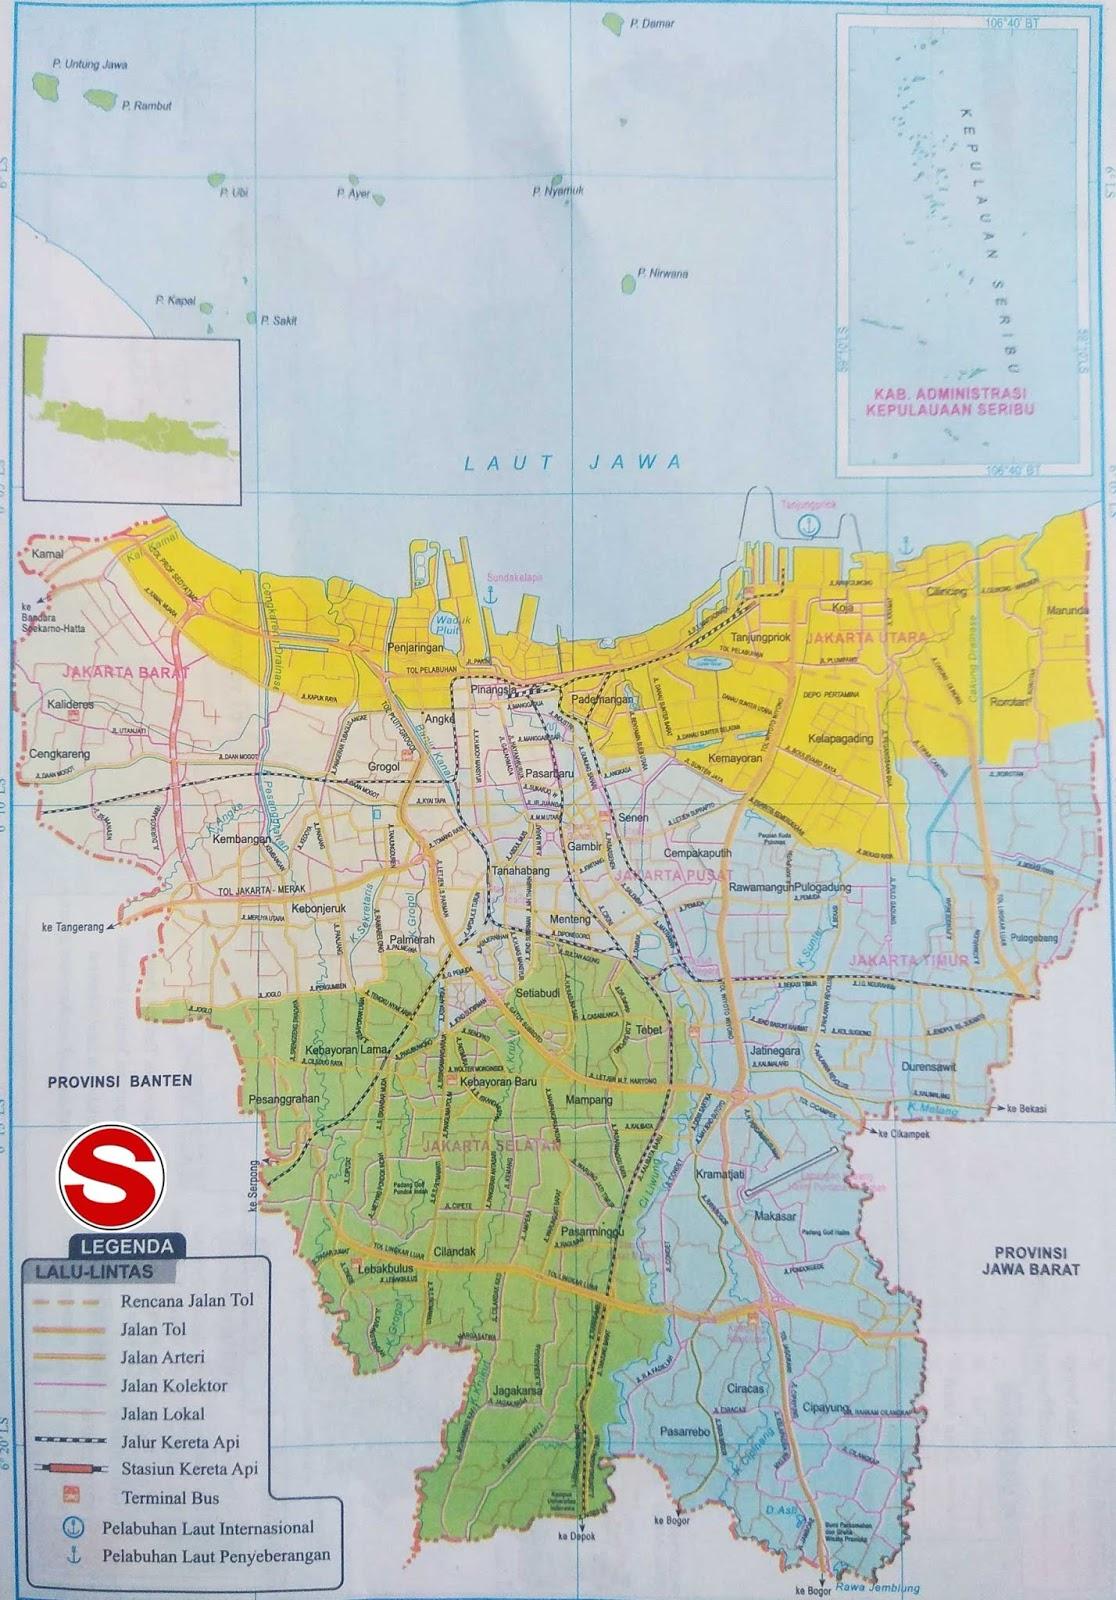 Peta dataran dan perairan sanggup anda lihat pada kotak LEGENDA berupa angka yang tertera Peta Atlas Jakarta (DKI JAYA)